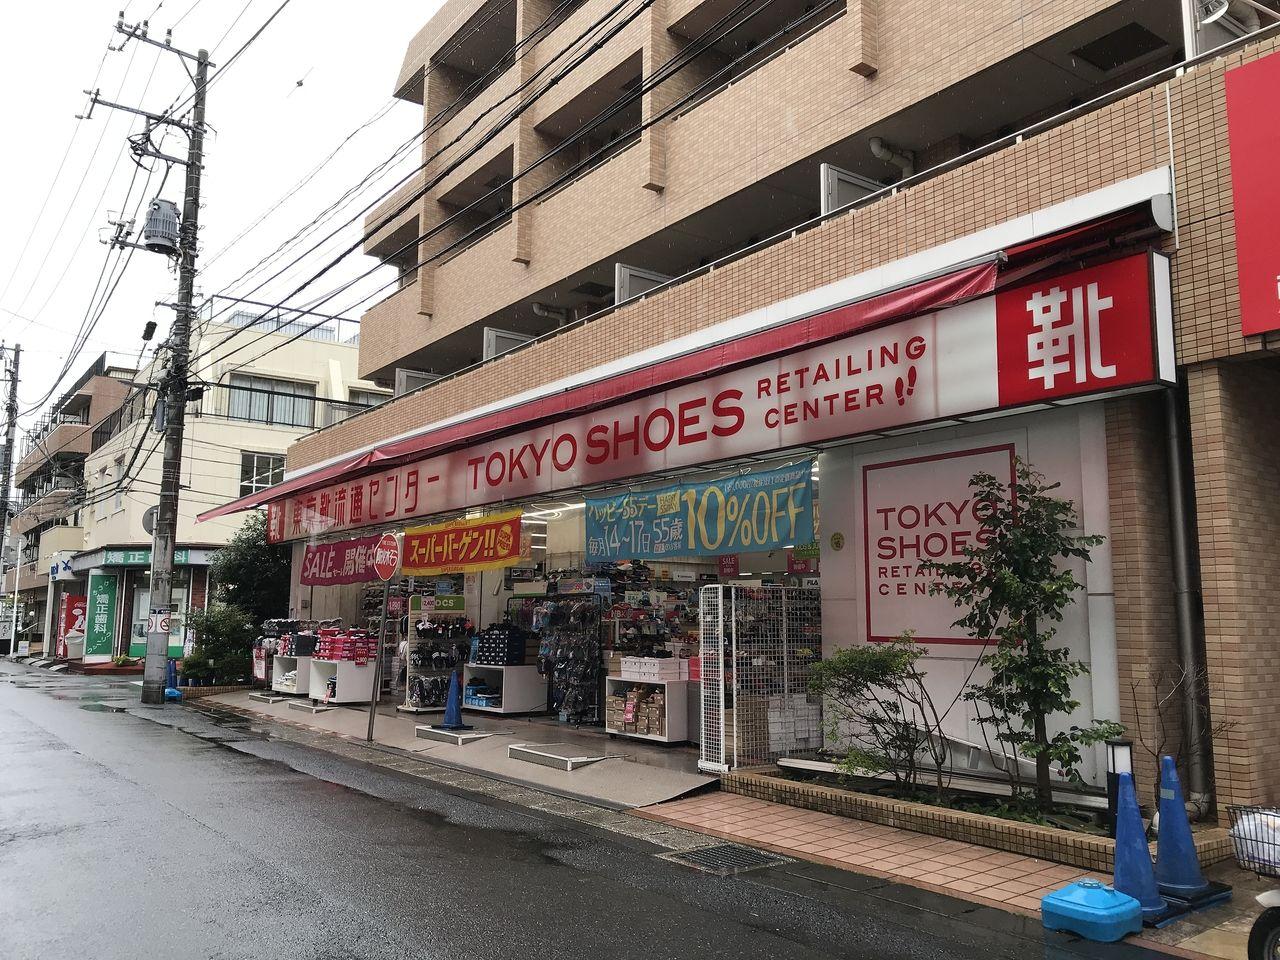 行徳の東京靴流通センターの外観